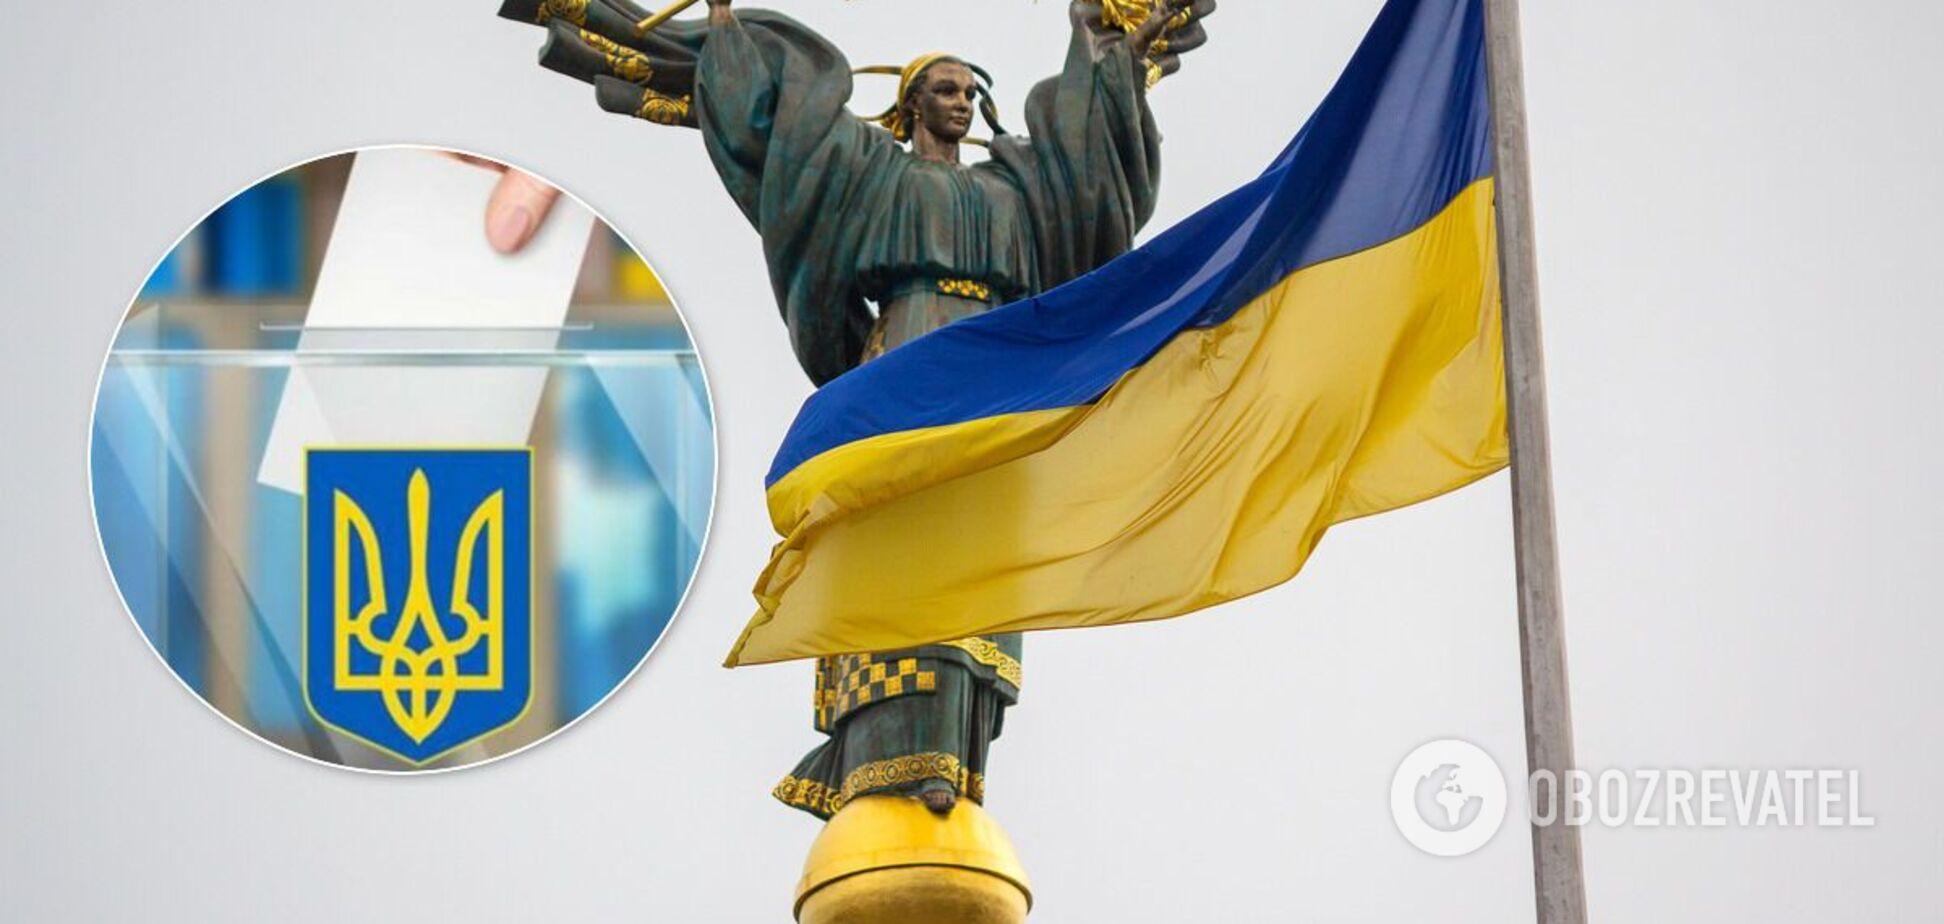 На виборах у Київській області – масові порушення, у бюлетенях відсутні кандидати партії 'За майбутнє'